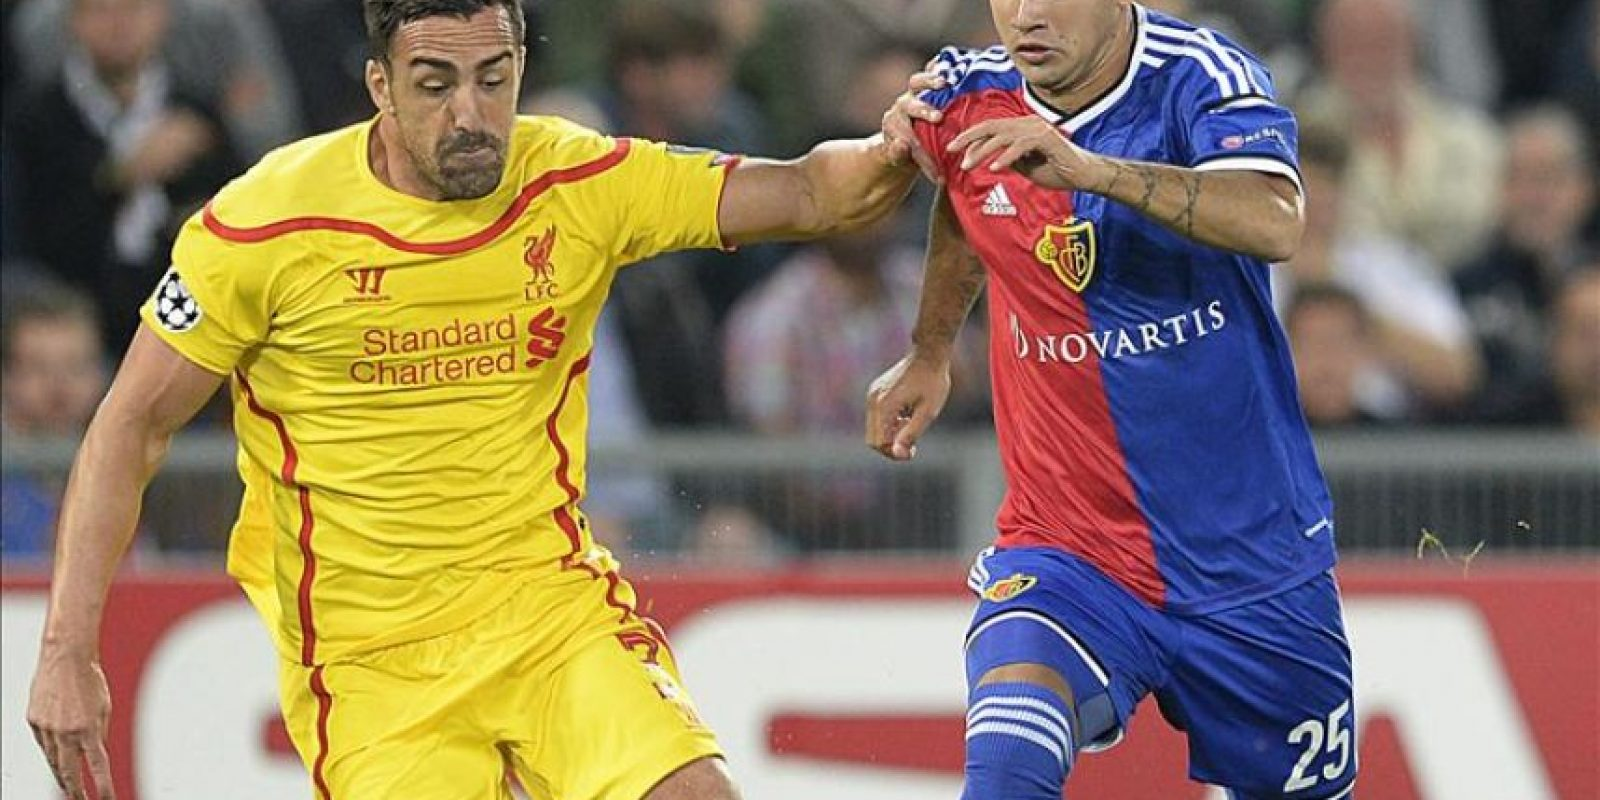 José Enrique (i) del Liverpool ante Derlis González (d) del Basilea durante un partido del Grupo B de la Liga de Campeones de la UEFA en el estadio St. Jakob-Park de Basilea (Suiza). EFE